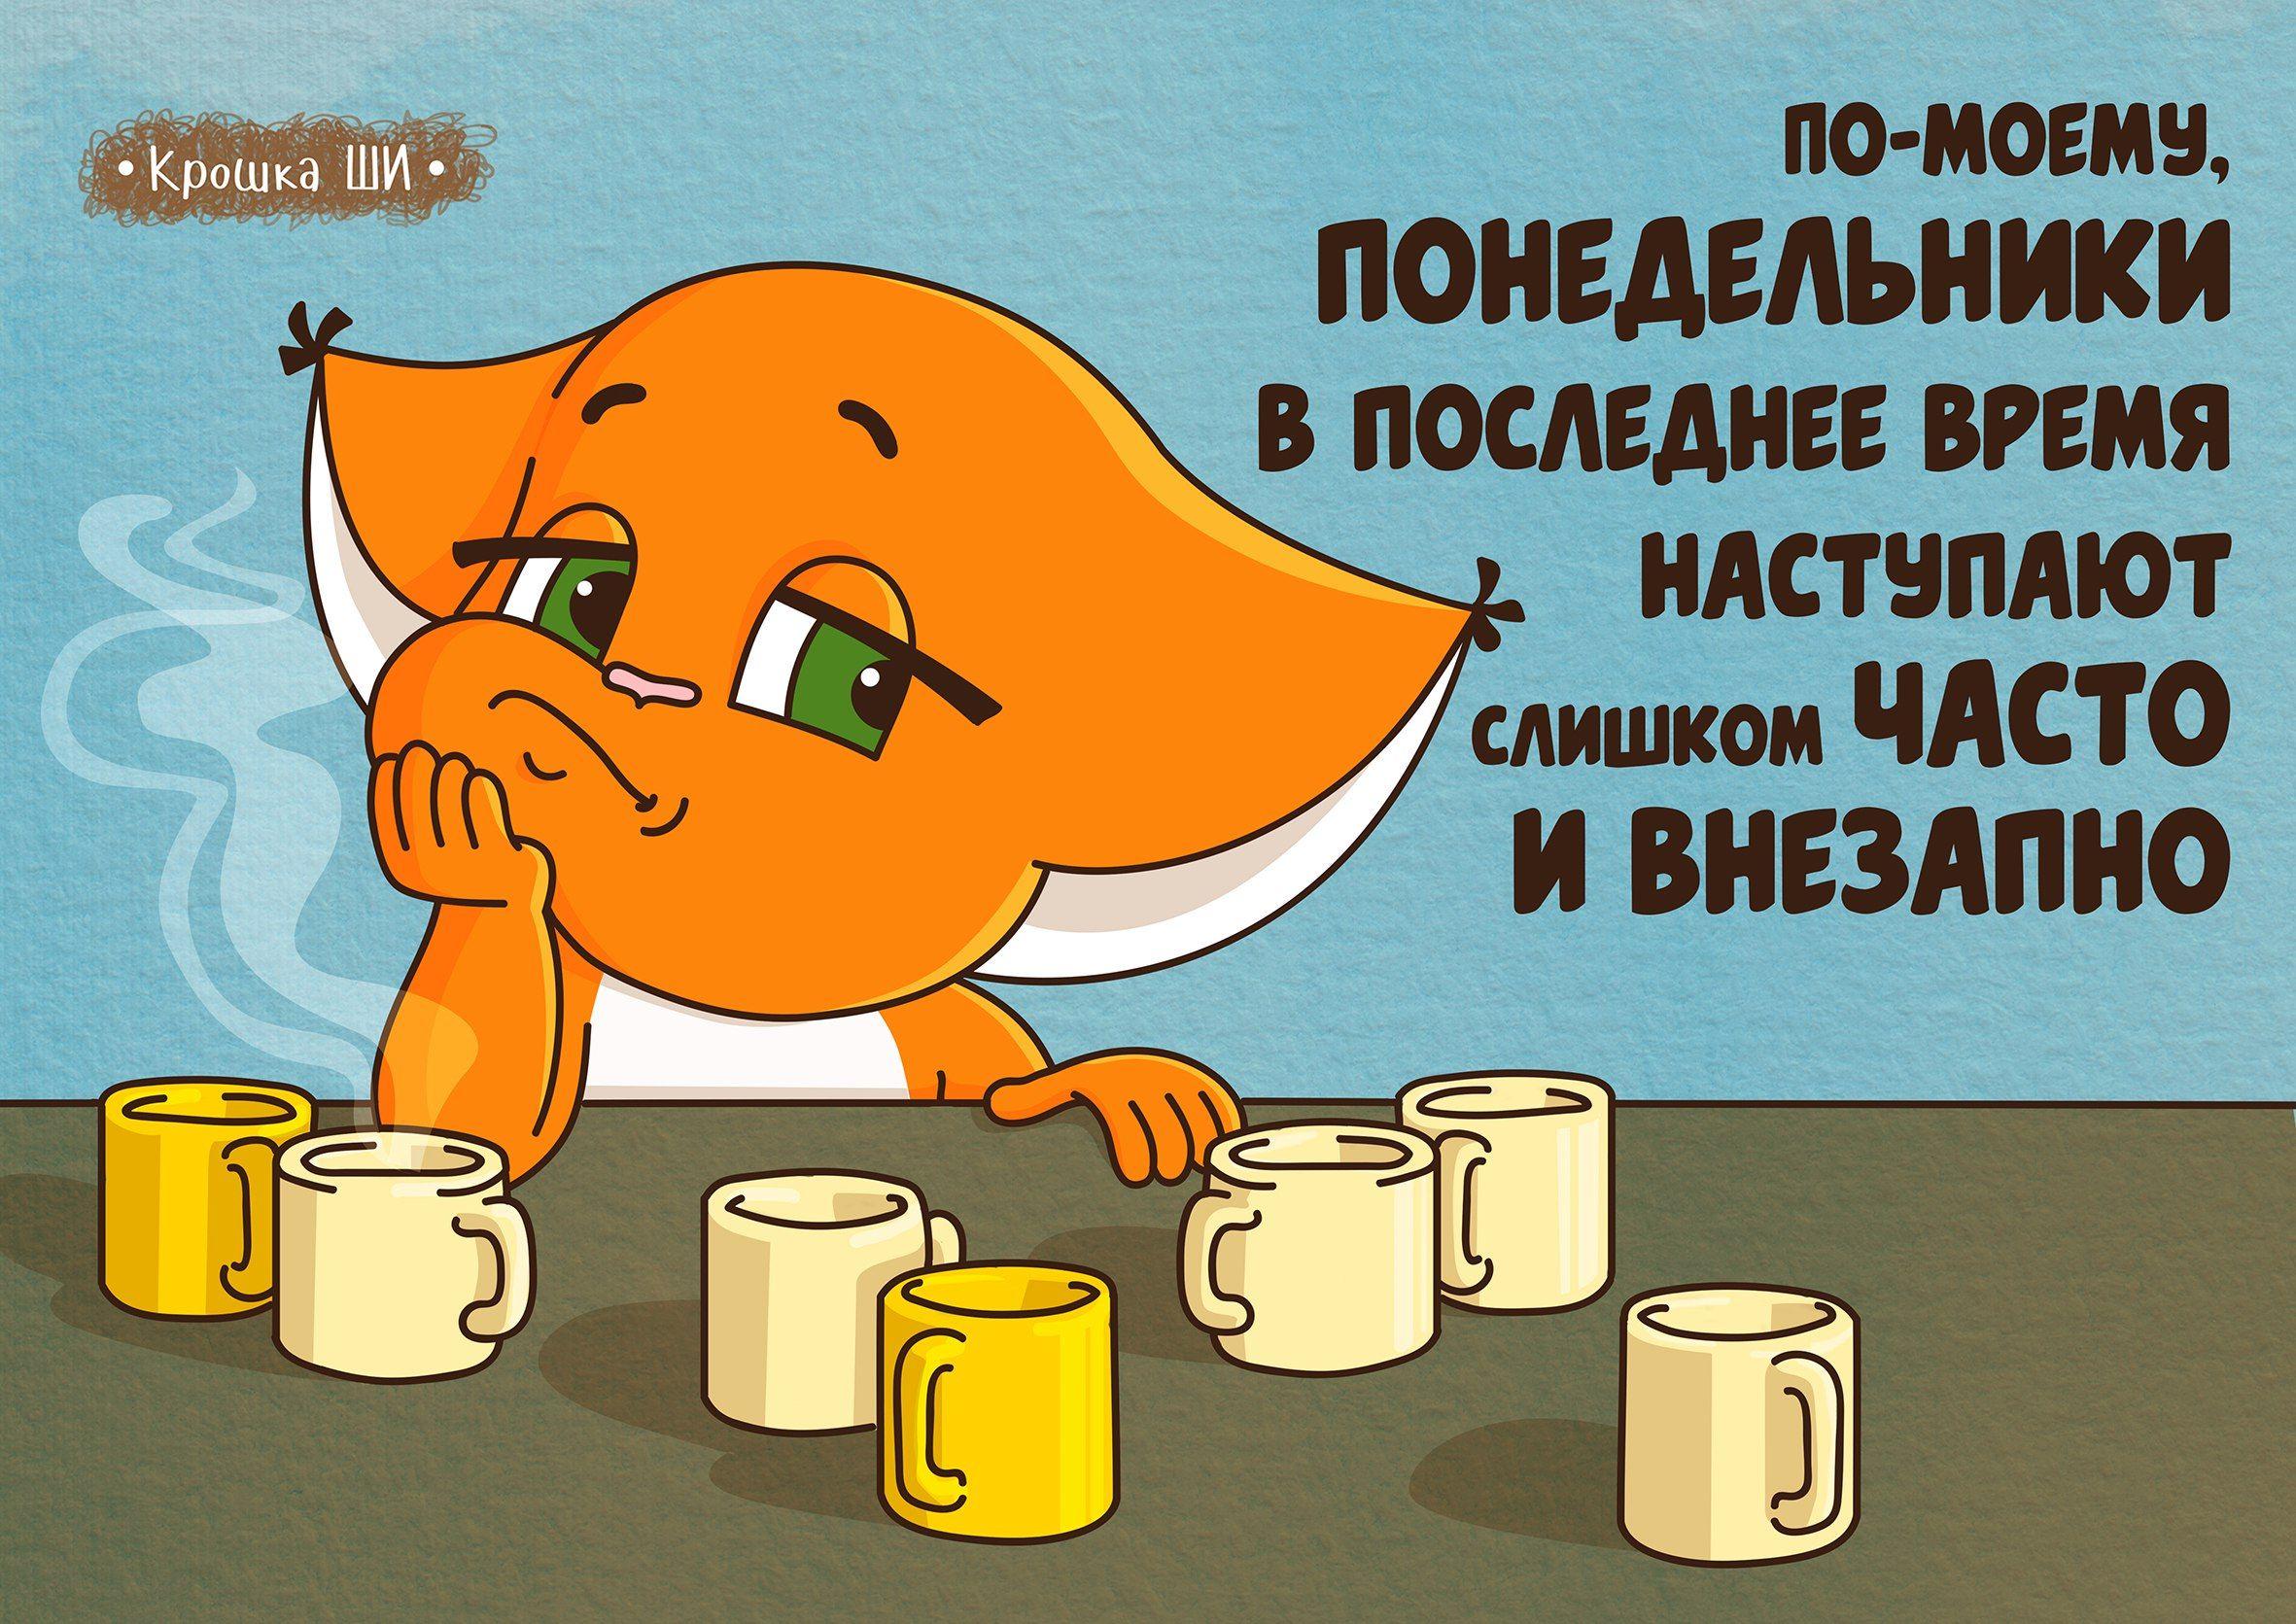 Картинка про понедельник прикольная, учителя открытки